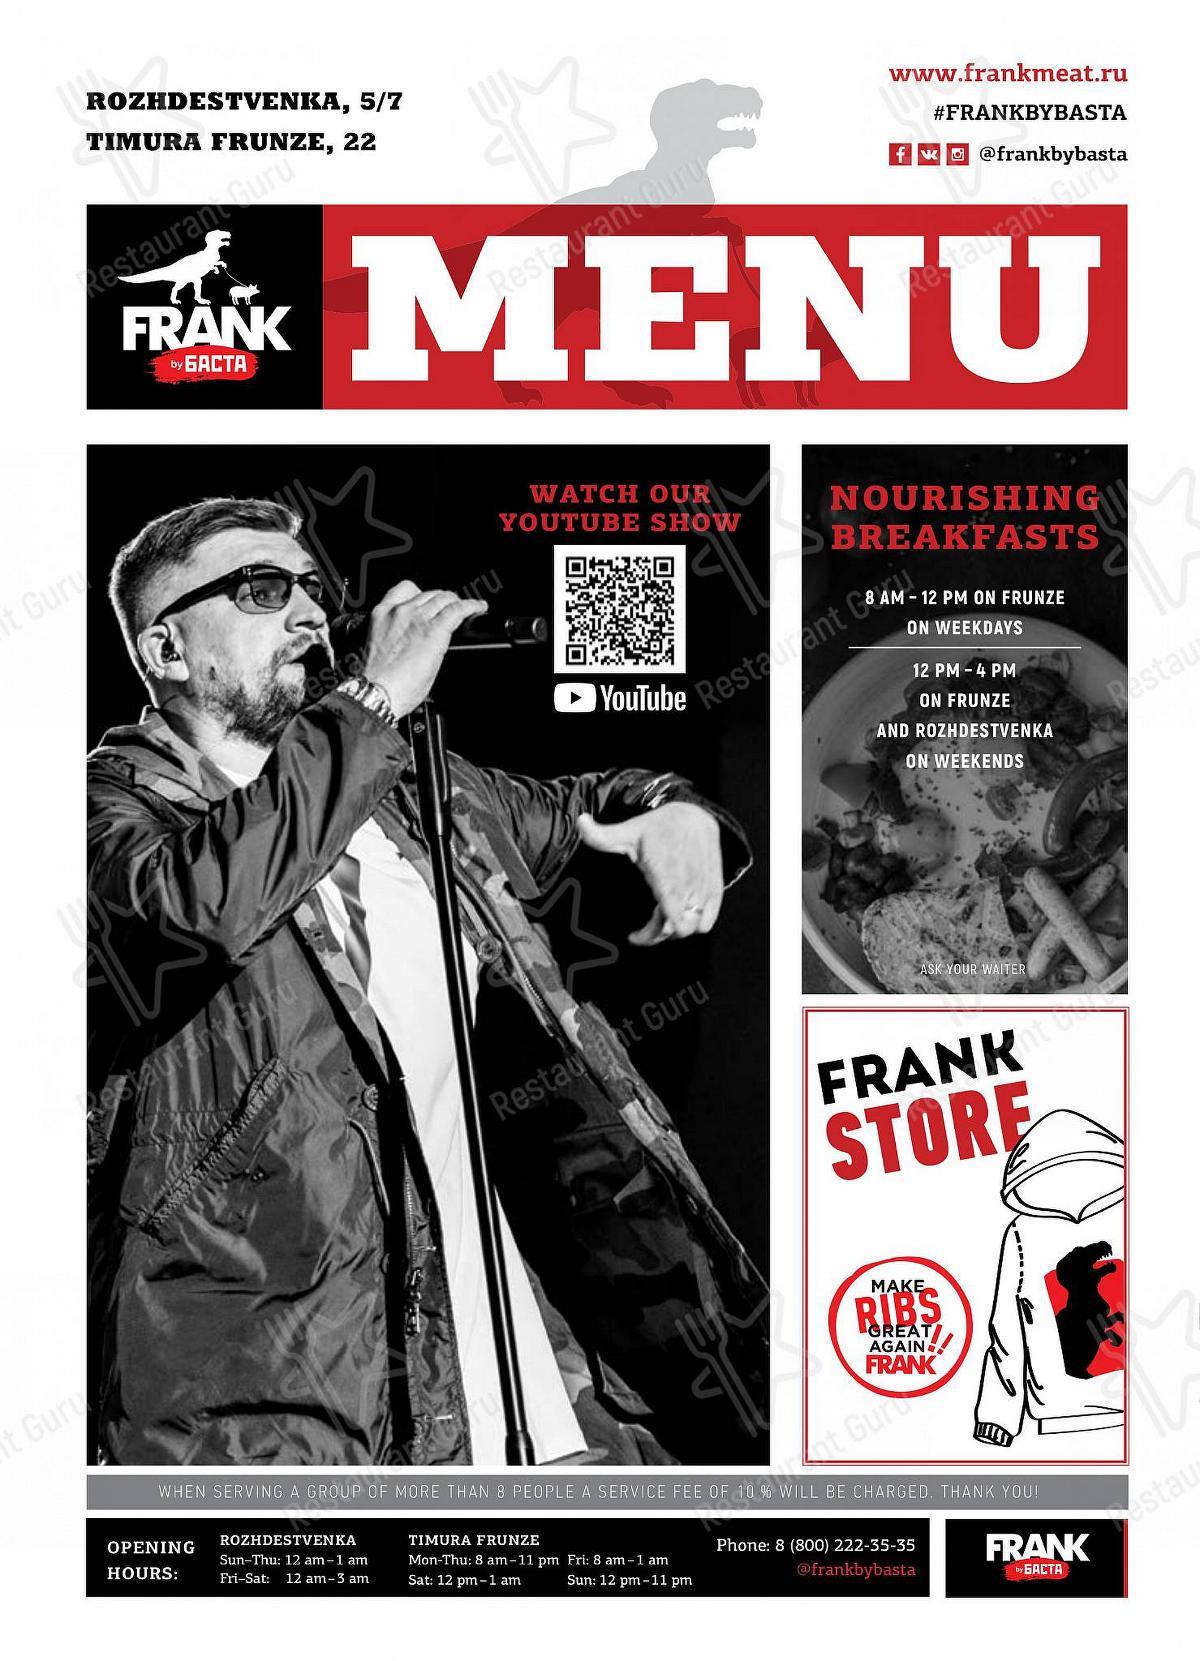 Carta de Frank restaurante